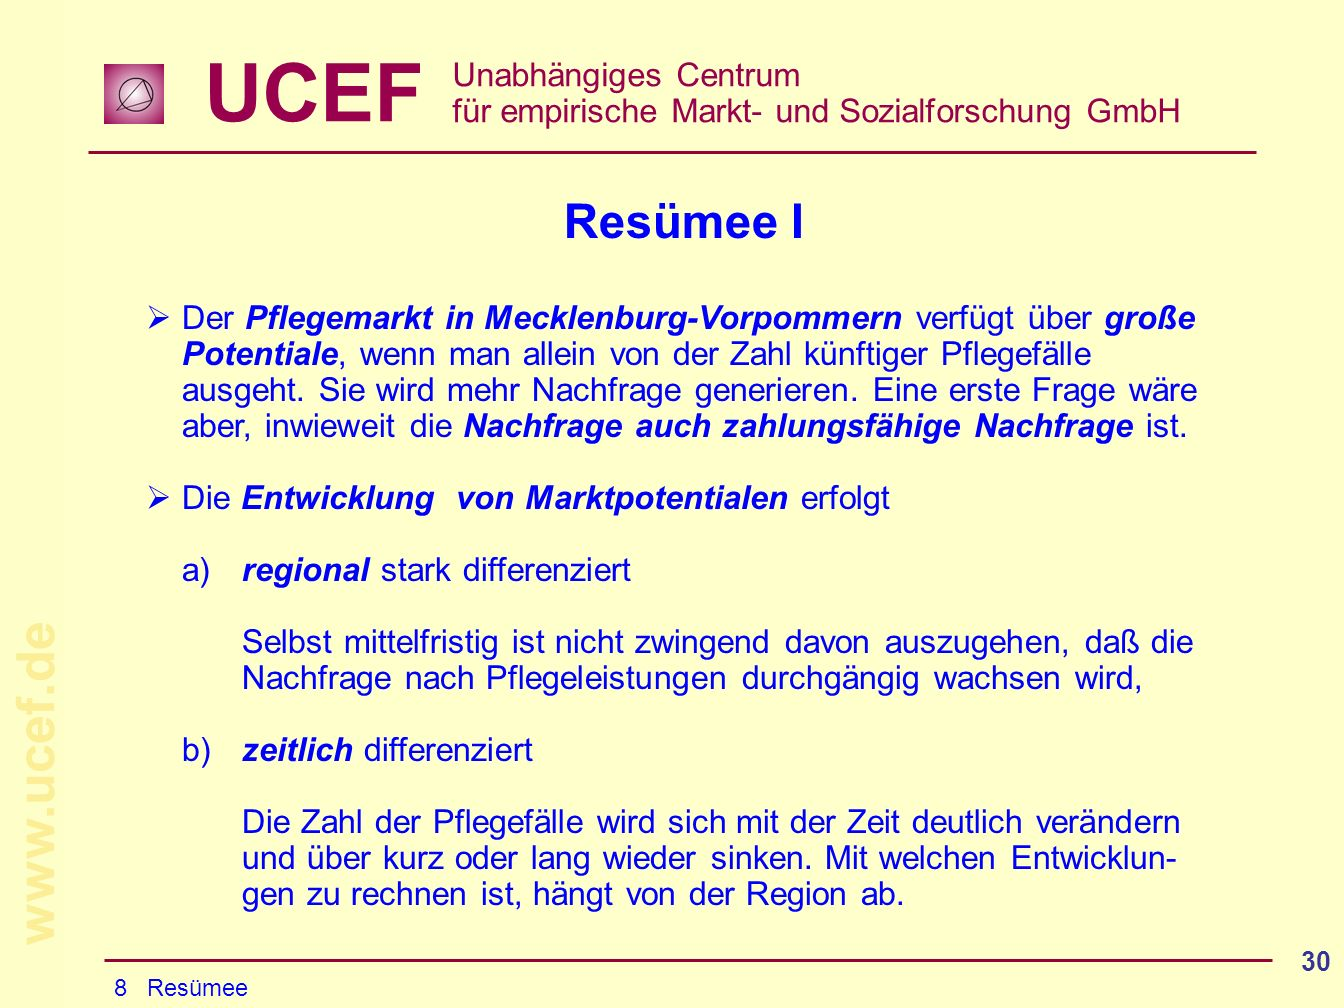 UCEF Unabhängiges Centrum für empirische Markt- und Sozialforschung GmbH www.ucef.de 30 Resümee I Der Pflegemarkt in Mecklenburg-Vorpommern verfügt über große Potentiale, wenn man allein von der Zahl künftiger Pflegefälle ausgeht.